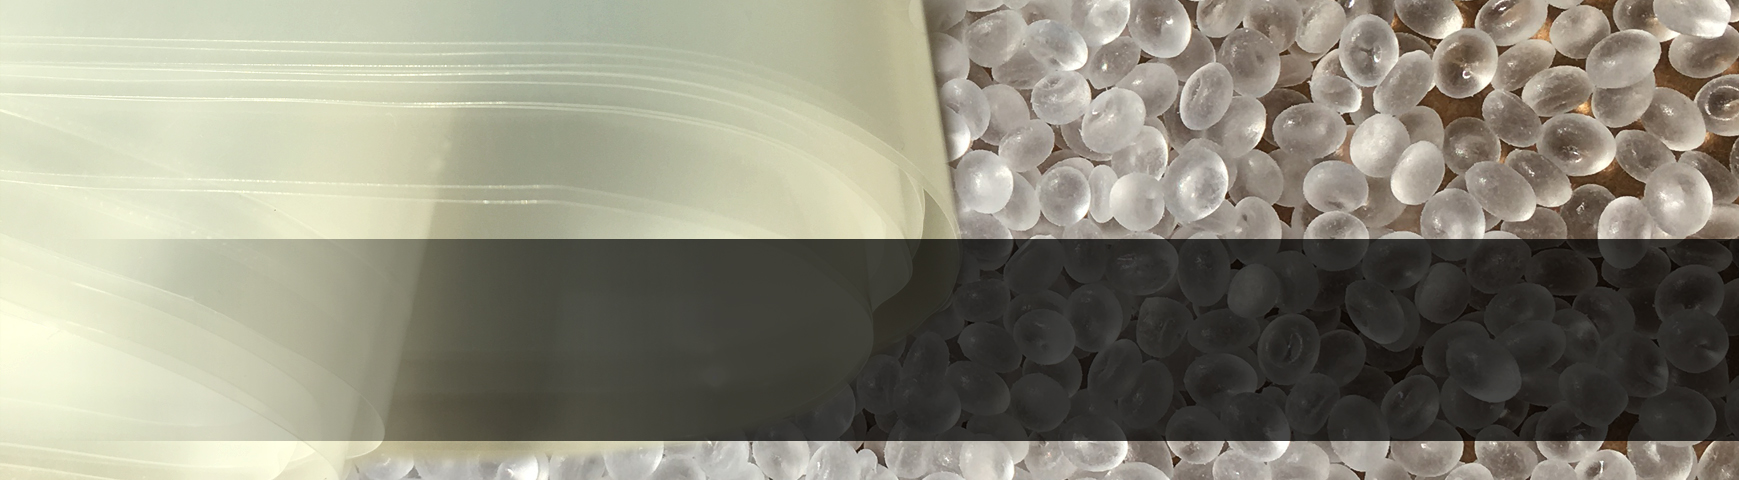 Гламур із пластику в Kao-Chia Kao-Chiaстворити високоякісні пластикові вироби - акриловий лист, лист GPPS, поліетиленову плівку / пакет. Відмінна якість зроблено на Тайвані та розумна цінаKao-Chia «Перетвори пластик на золото».